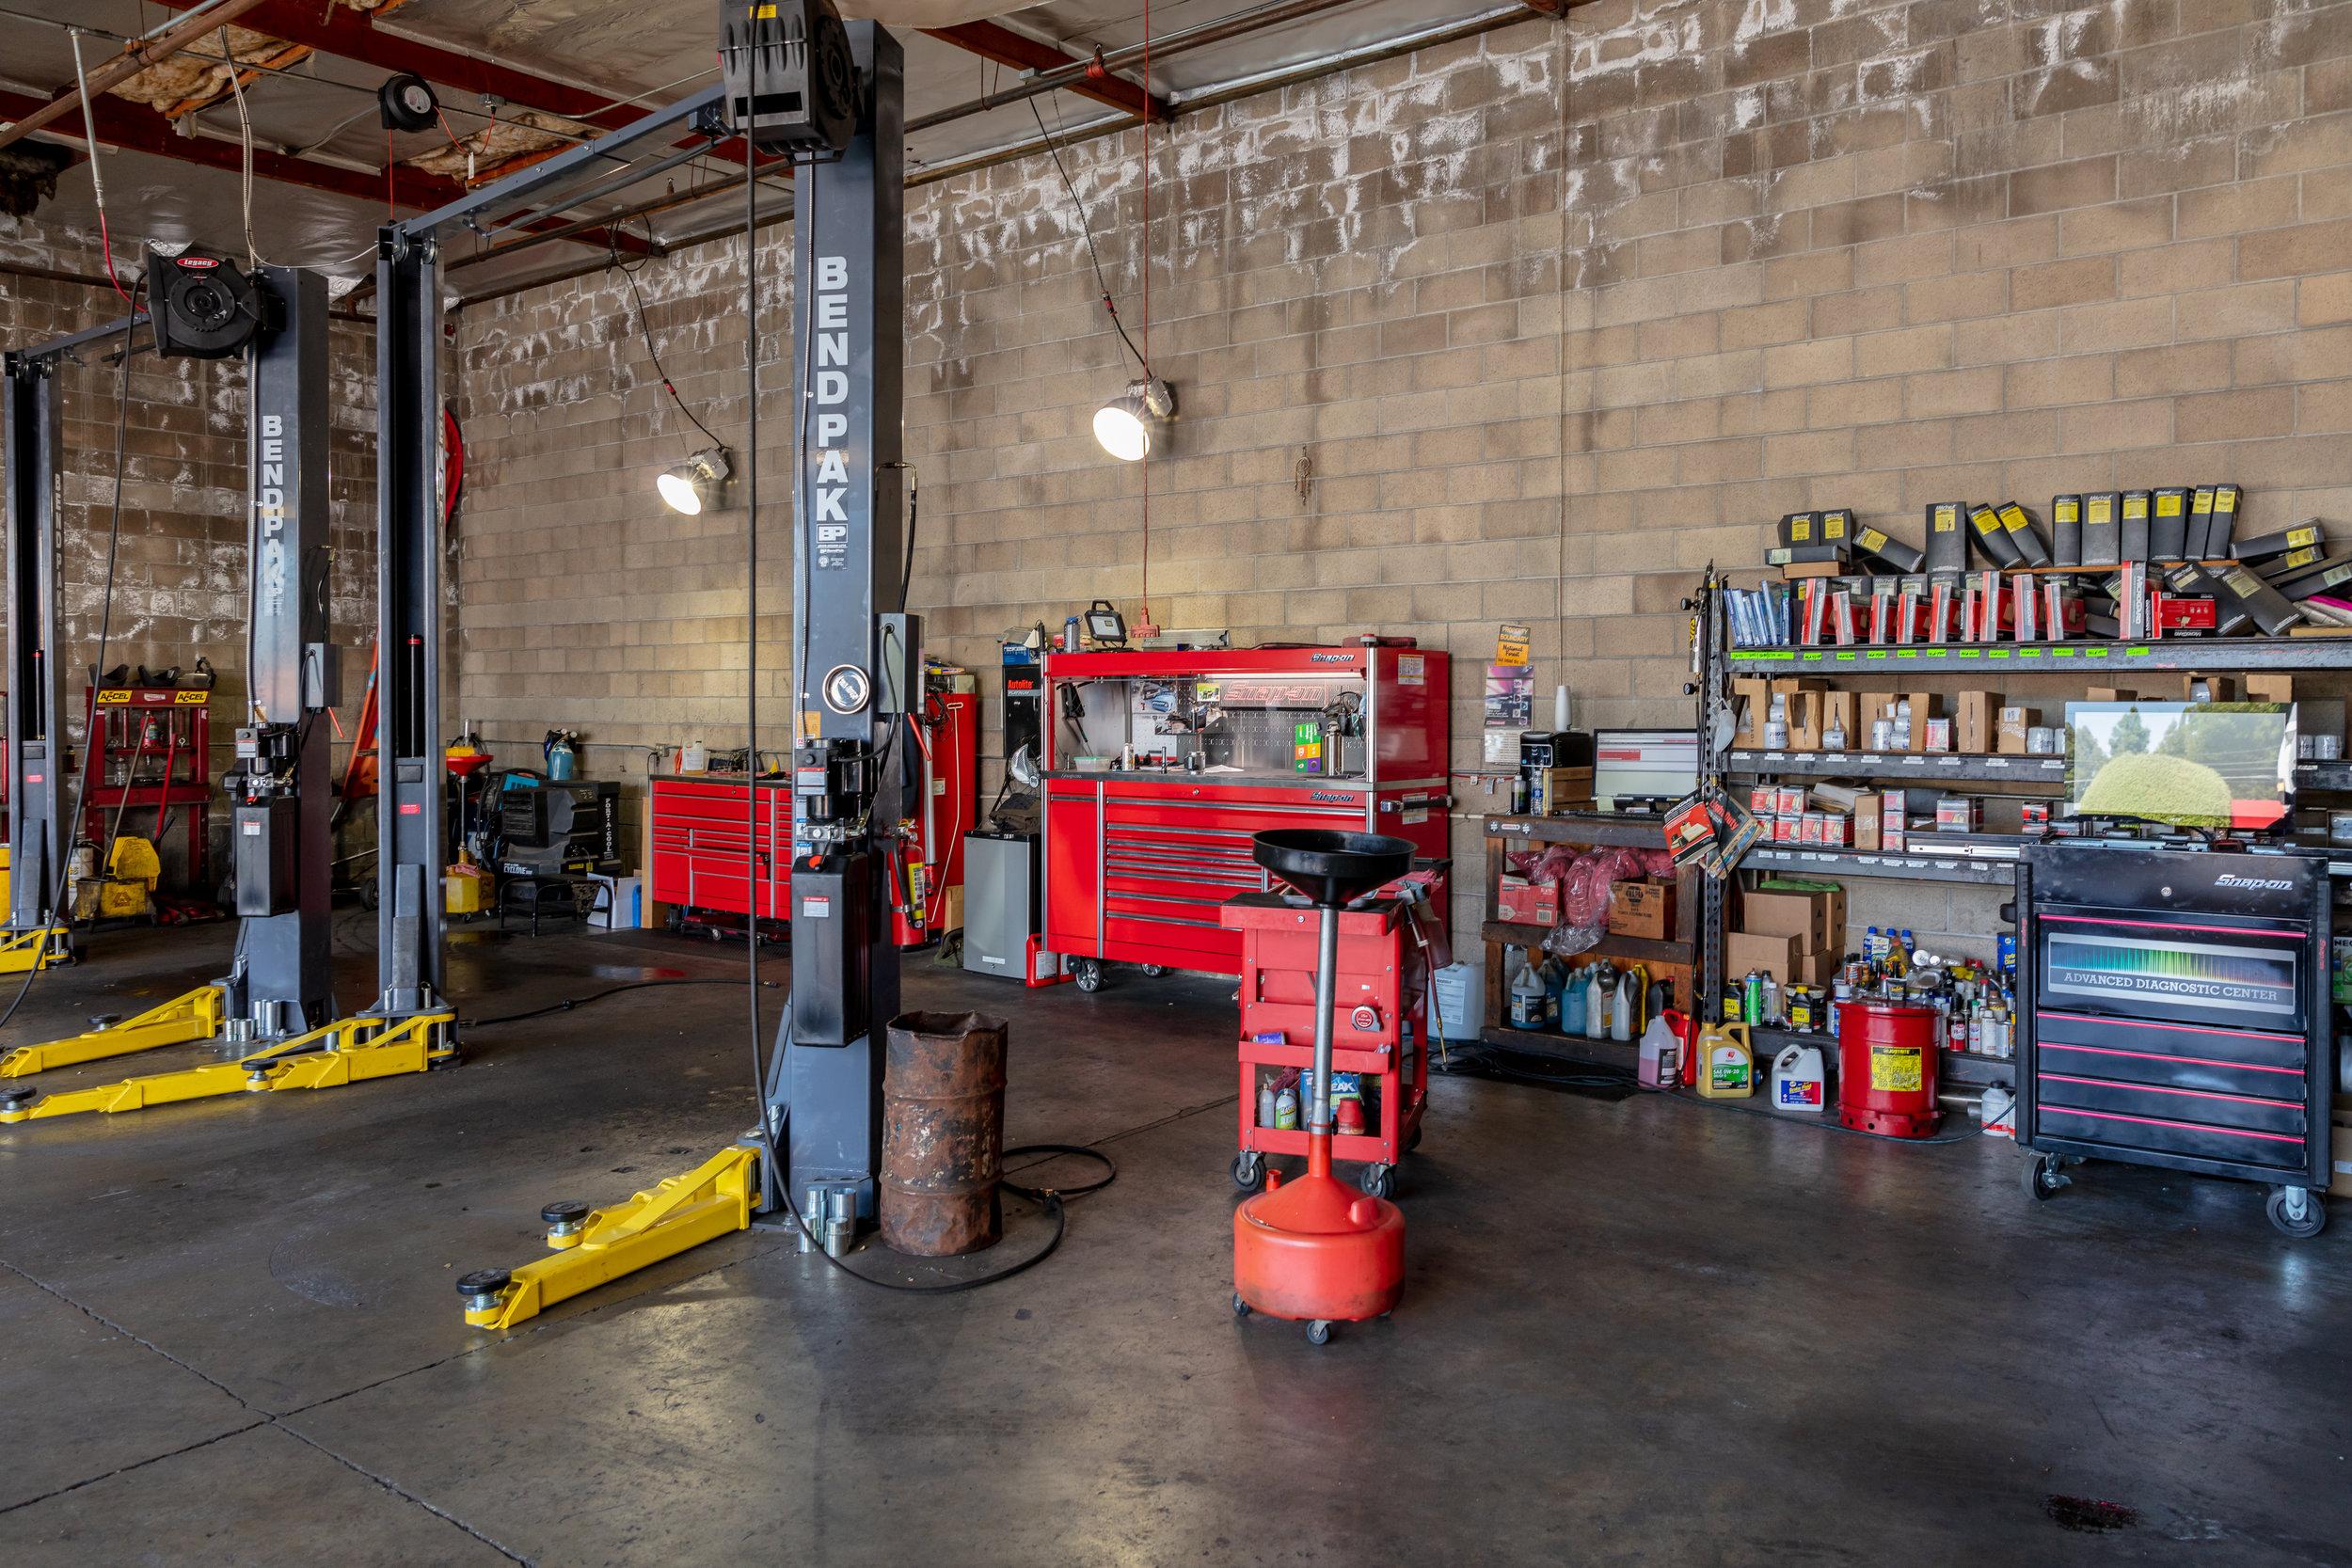 SMOG-Diagnostic-Specialists-Auto-Repair-And-Maintenance-Northgate-Blvd-Sacramento-CA-0016.jpg